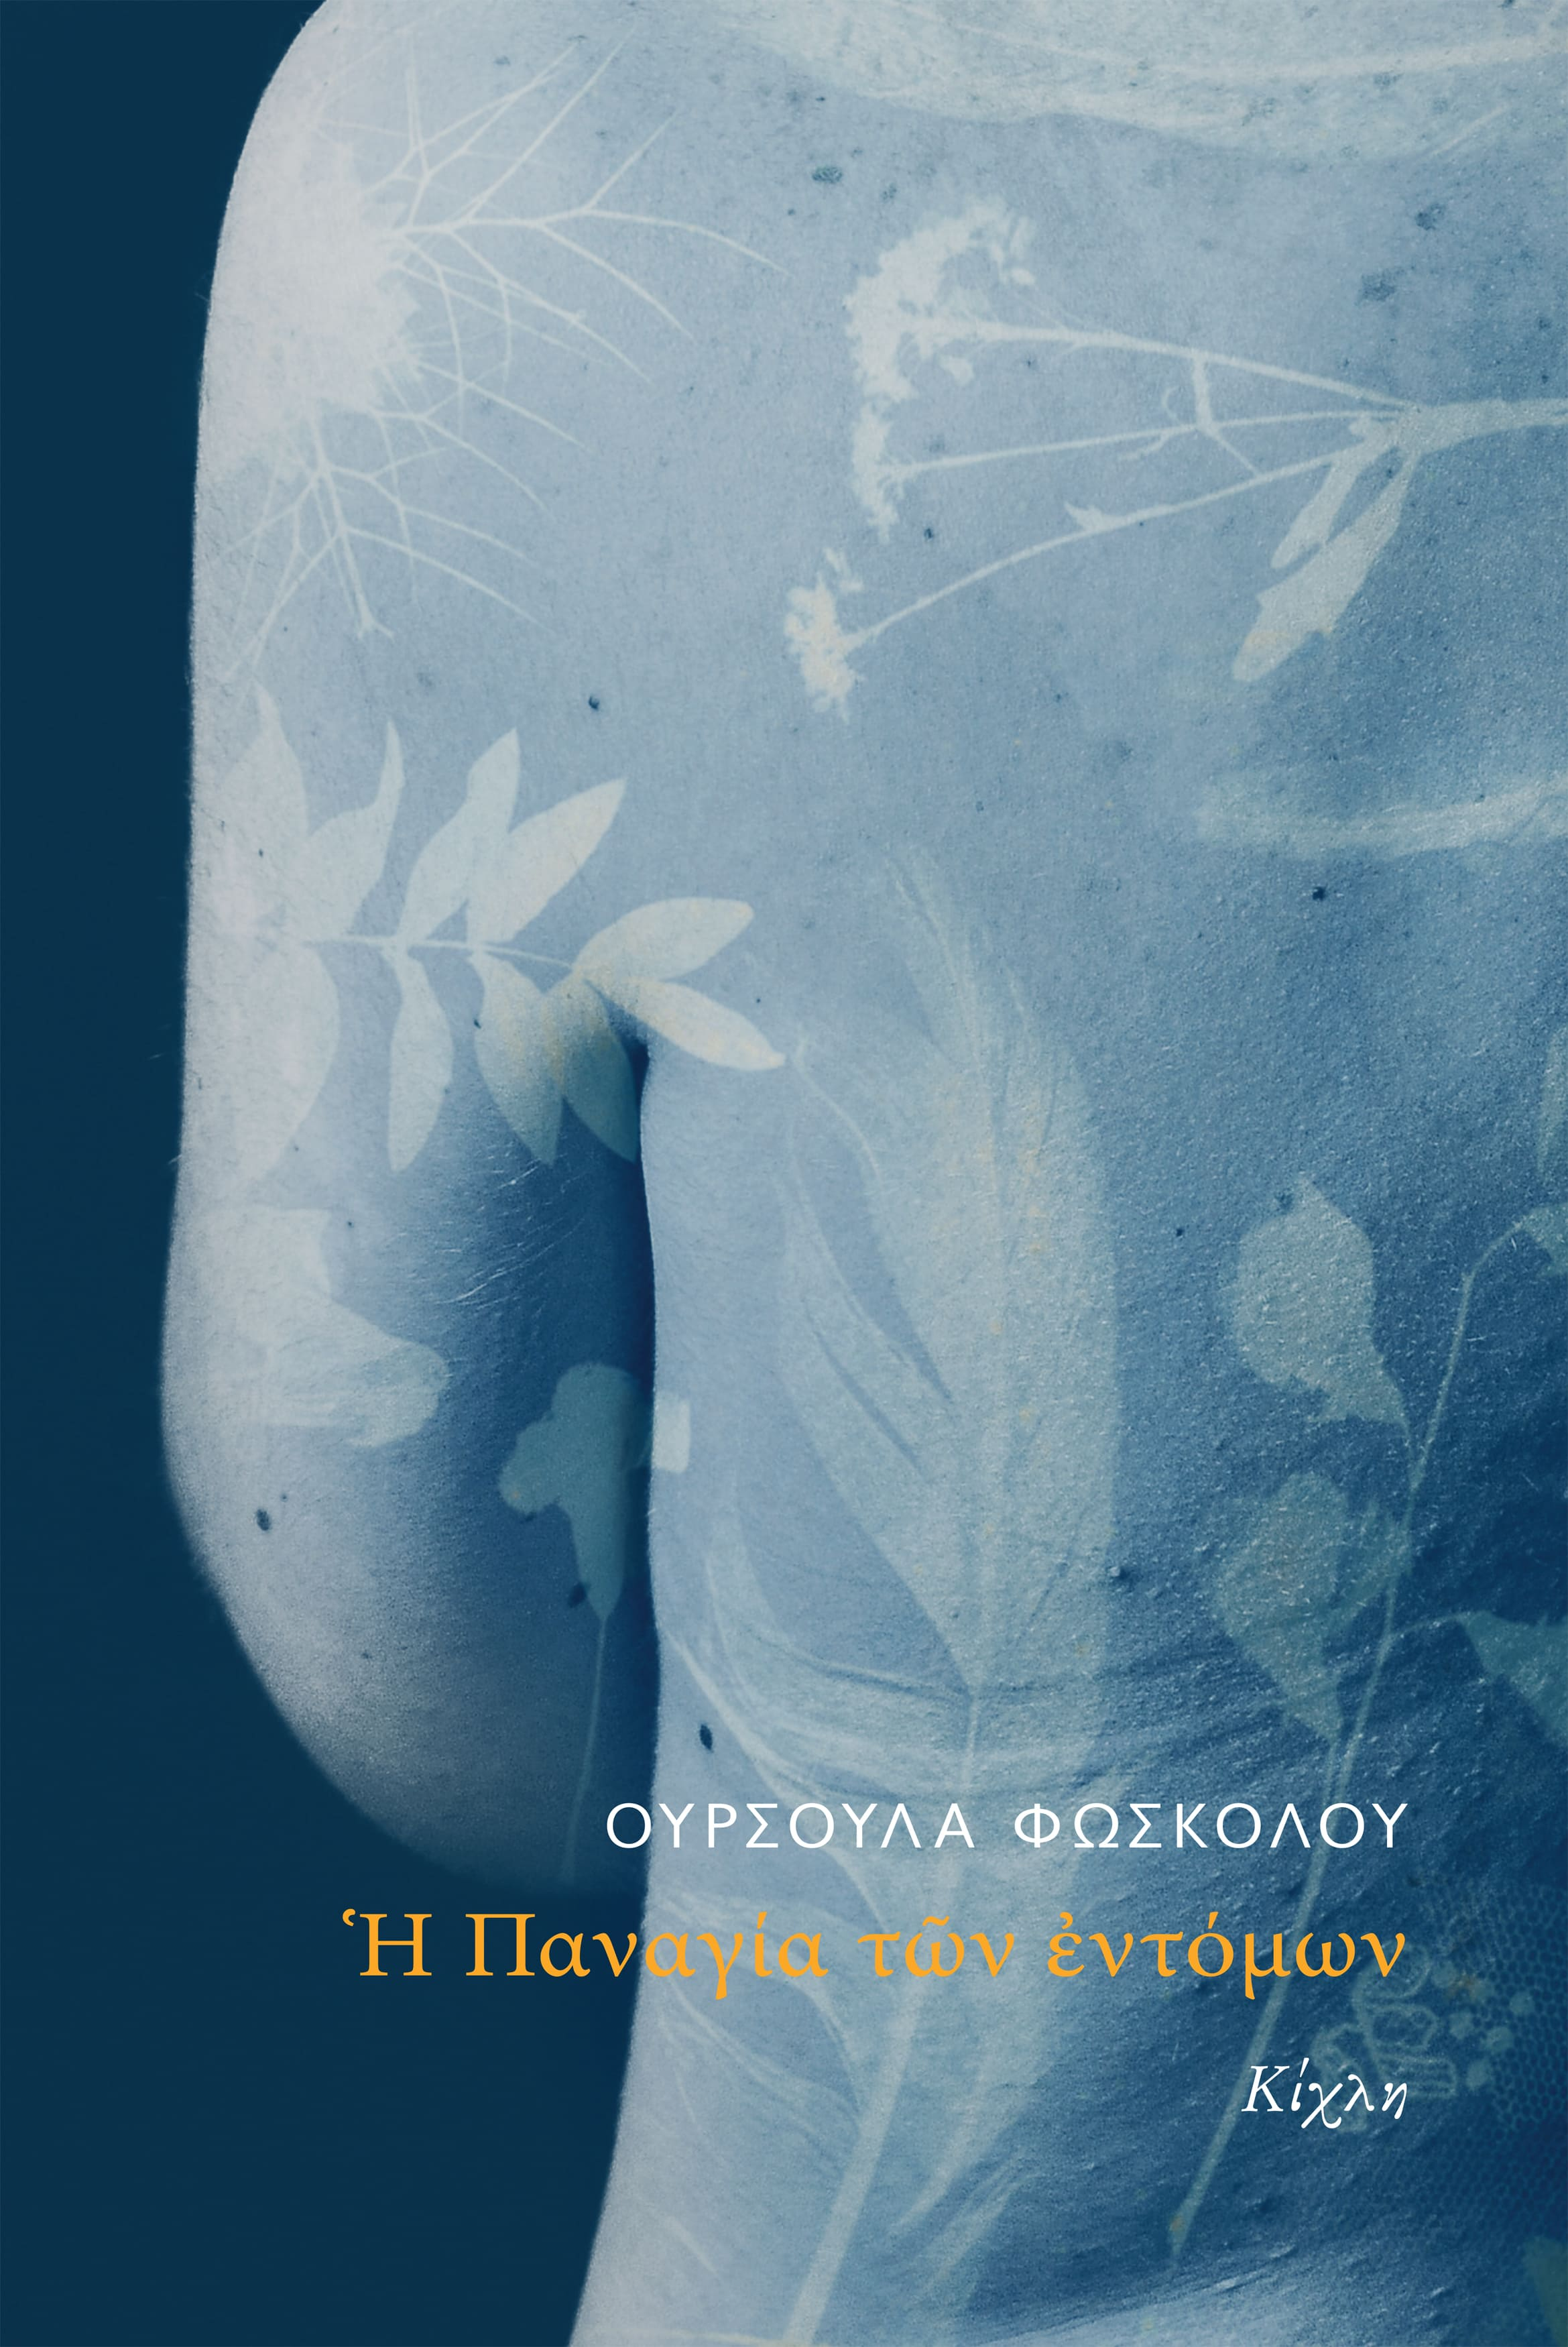 Η Παναγία των εντόμων, , Φωσκόλου, Ούρσουλα, Κίχλη, 2020